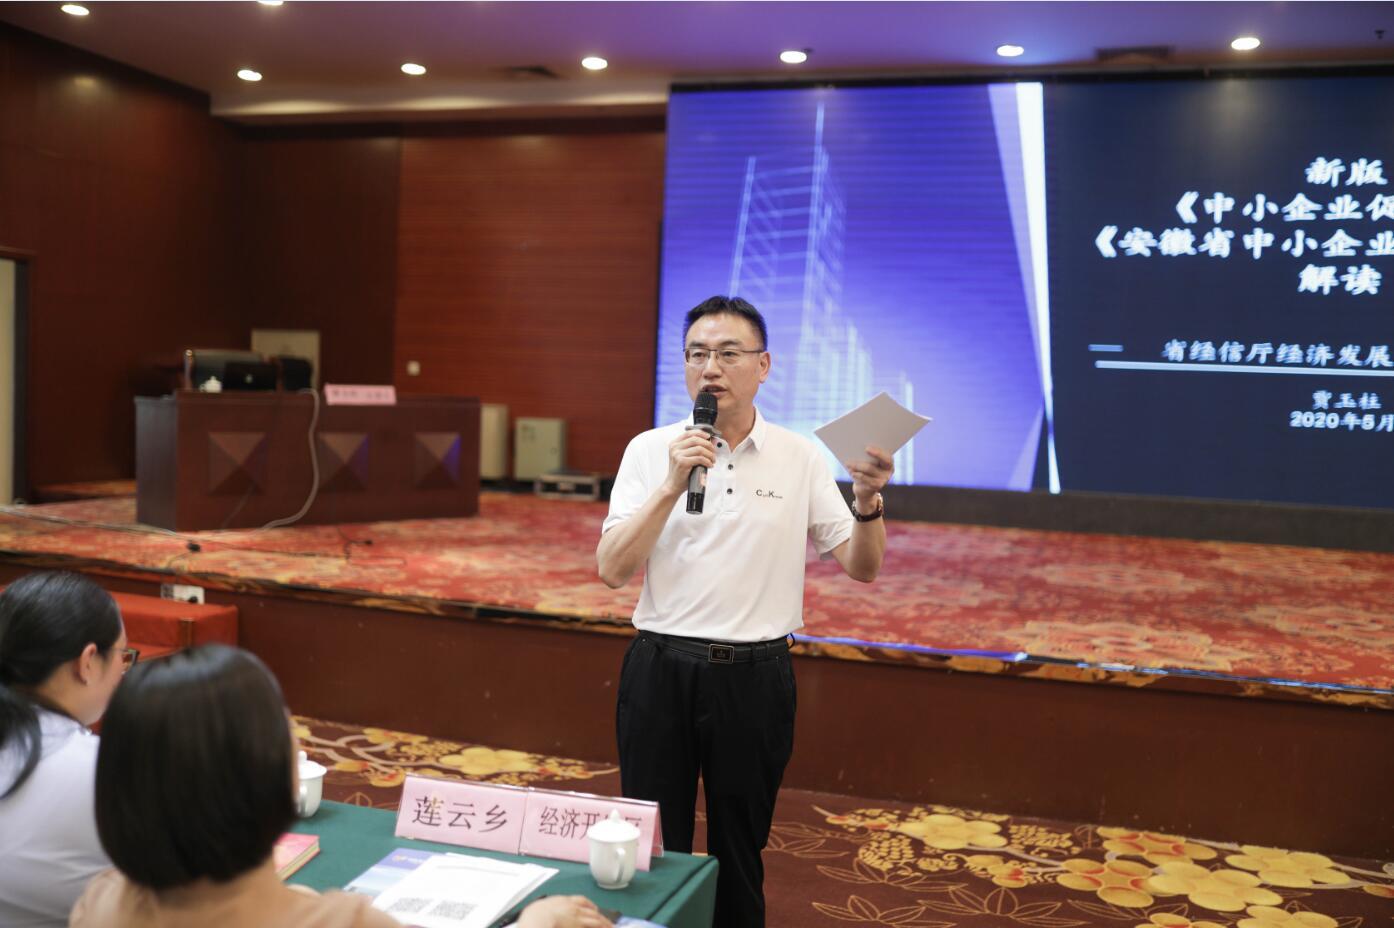 岳西县举办经信法治宣传月活动